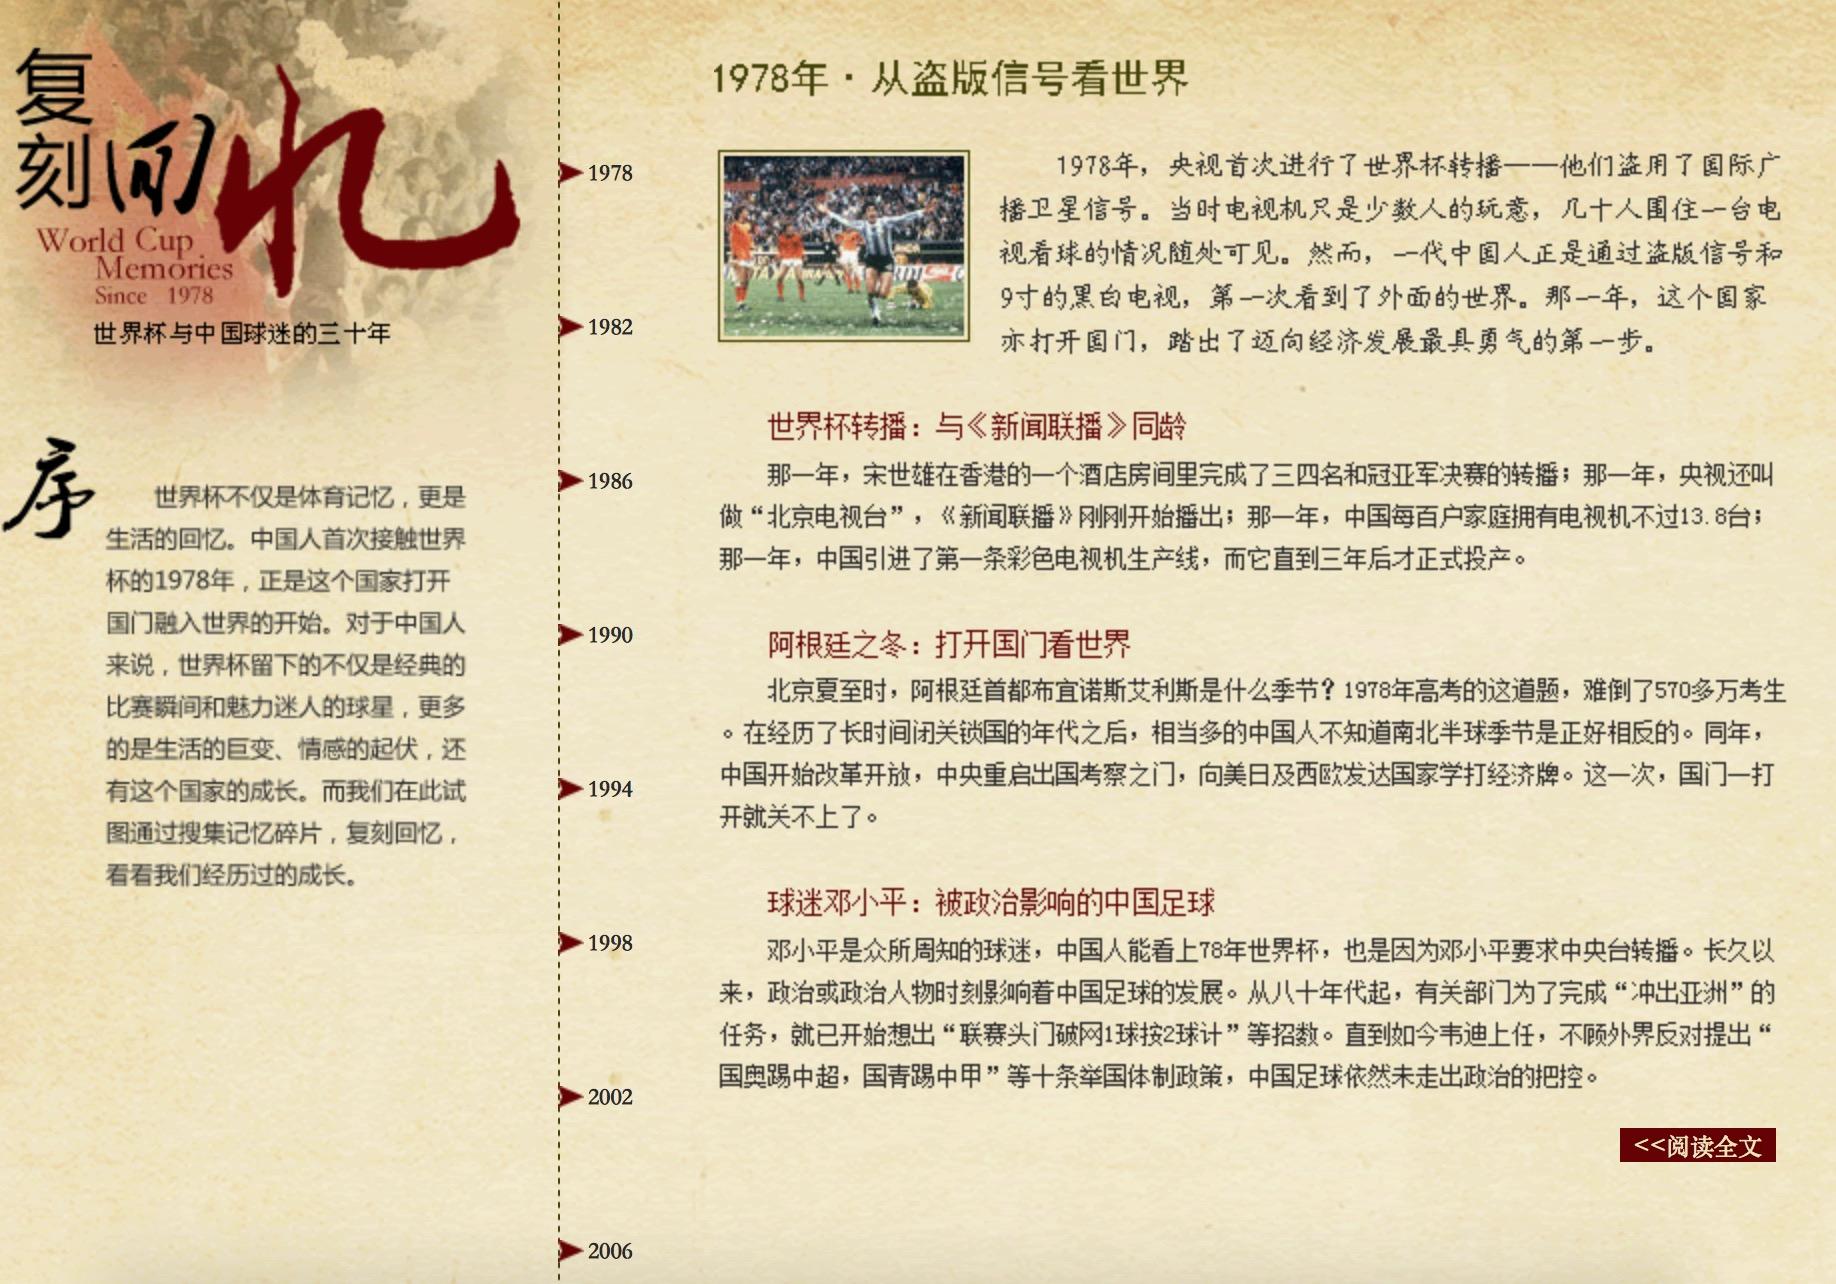 十届世界杯,媒介四十年 翻译失败翻译失败